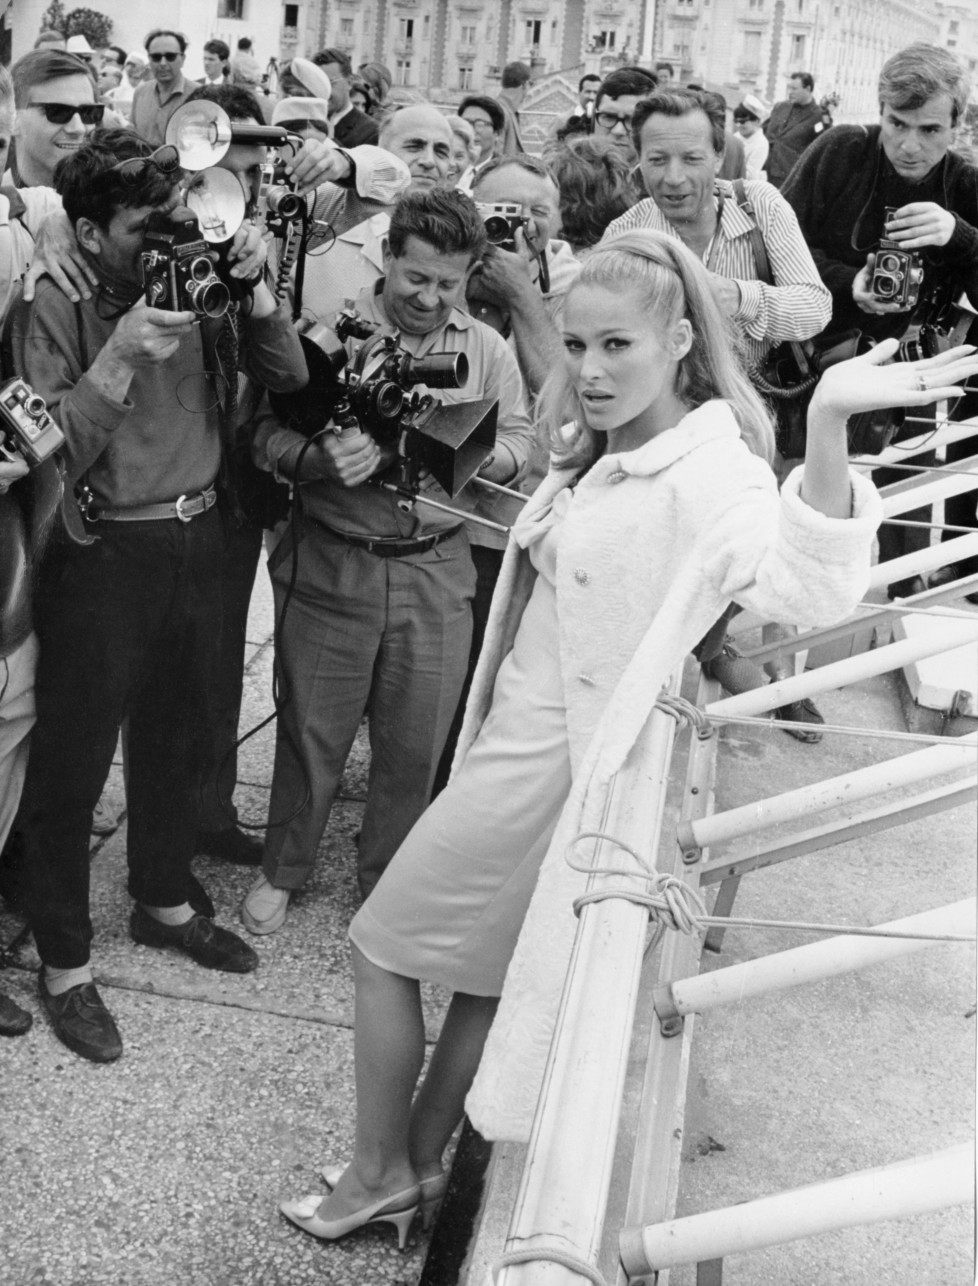 ZUM 80. GEBURTSTAG DER SCHWEIZER FILMSCHAUSPIELERIN URSULA ANDRESS AM SAMSTAG, 19. MAERZ 2016, STELLEN WIR IHNEN FOLGENDES BILDMATERIAL ZUR VERFUEGUNG - Press photographers surround Swiss-born actress Ursula Andress on the Croisette seafront, Cannes, on May 21, 1965, after her arrival to attend the International Film Festival. (AP Photo/Levy)